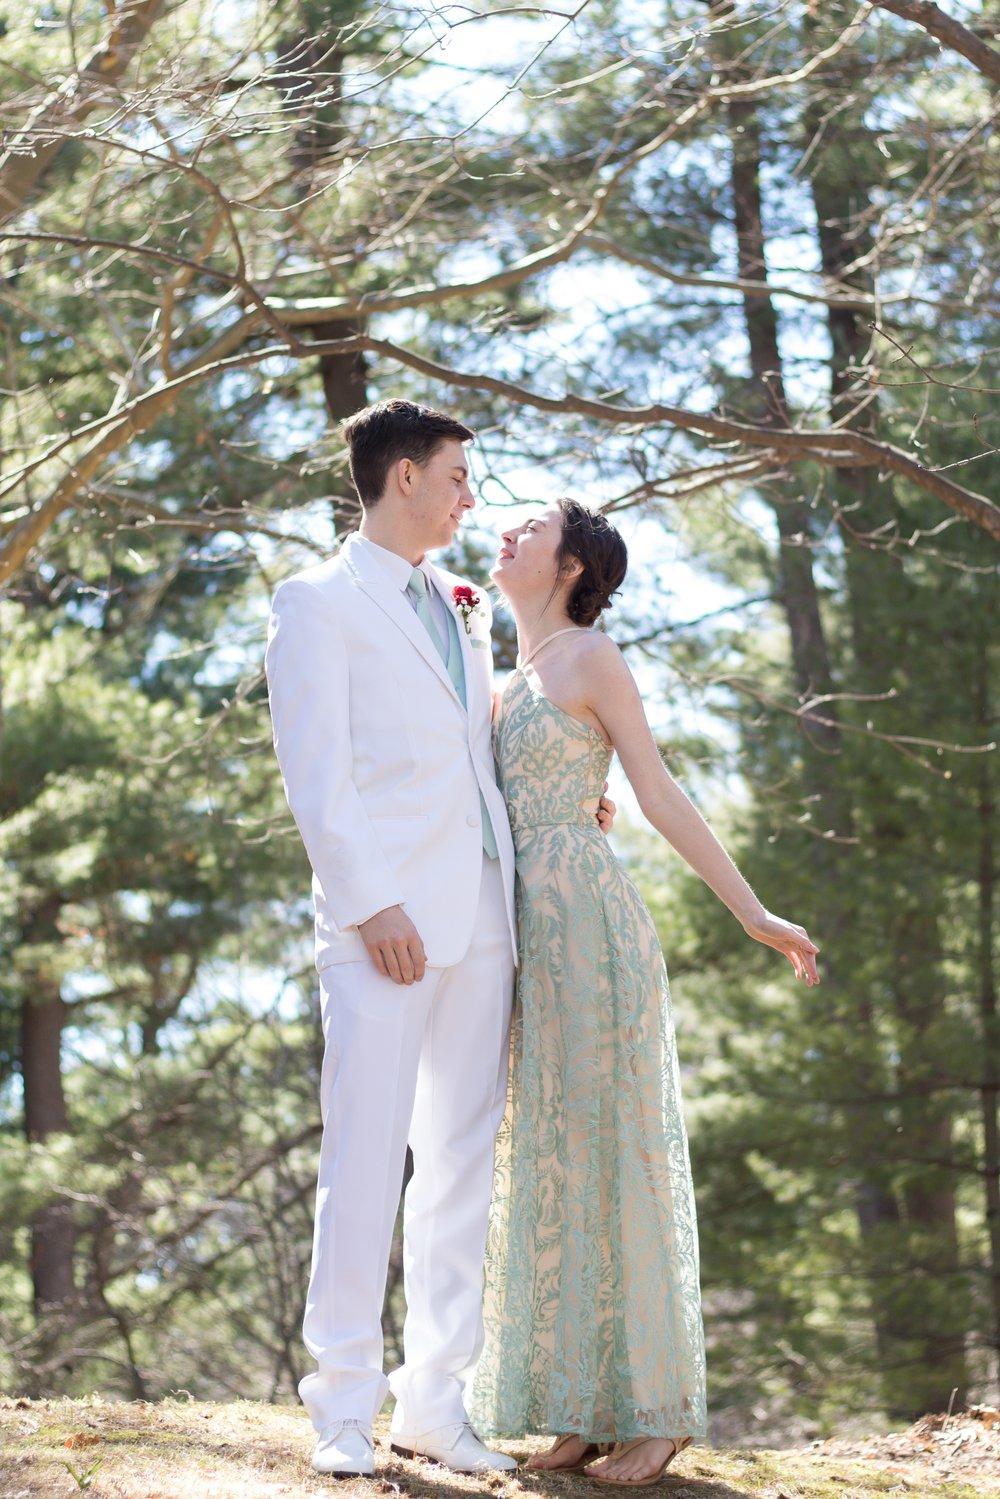 Prom Thomas and Em Thomas (3).jpg